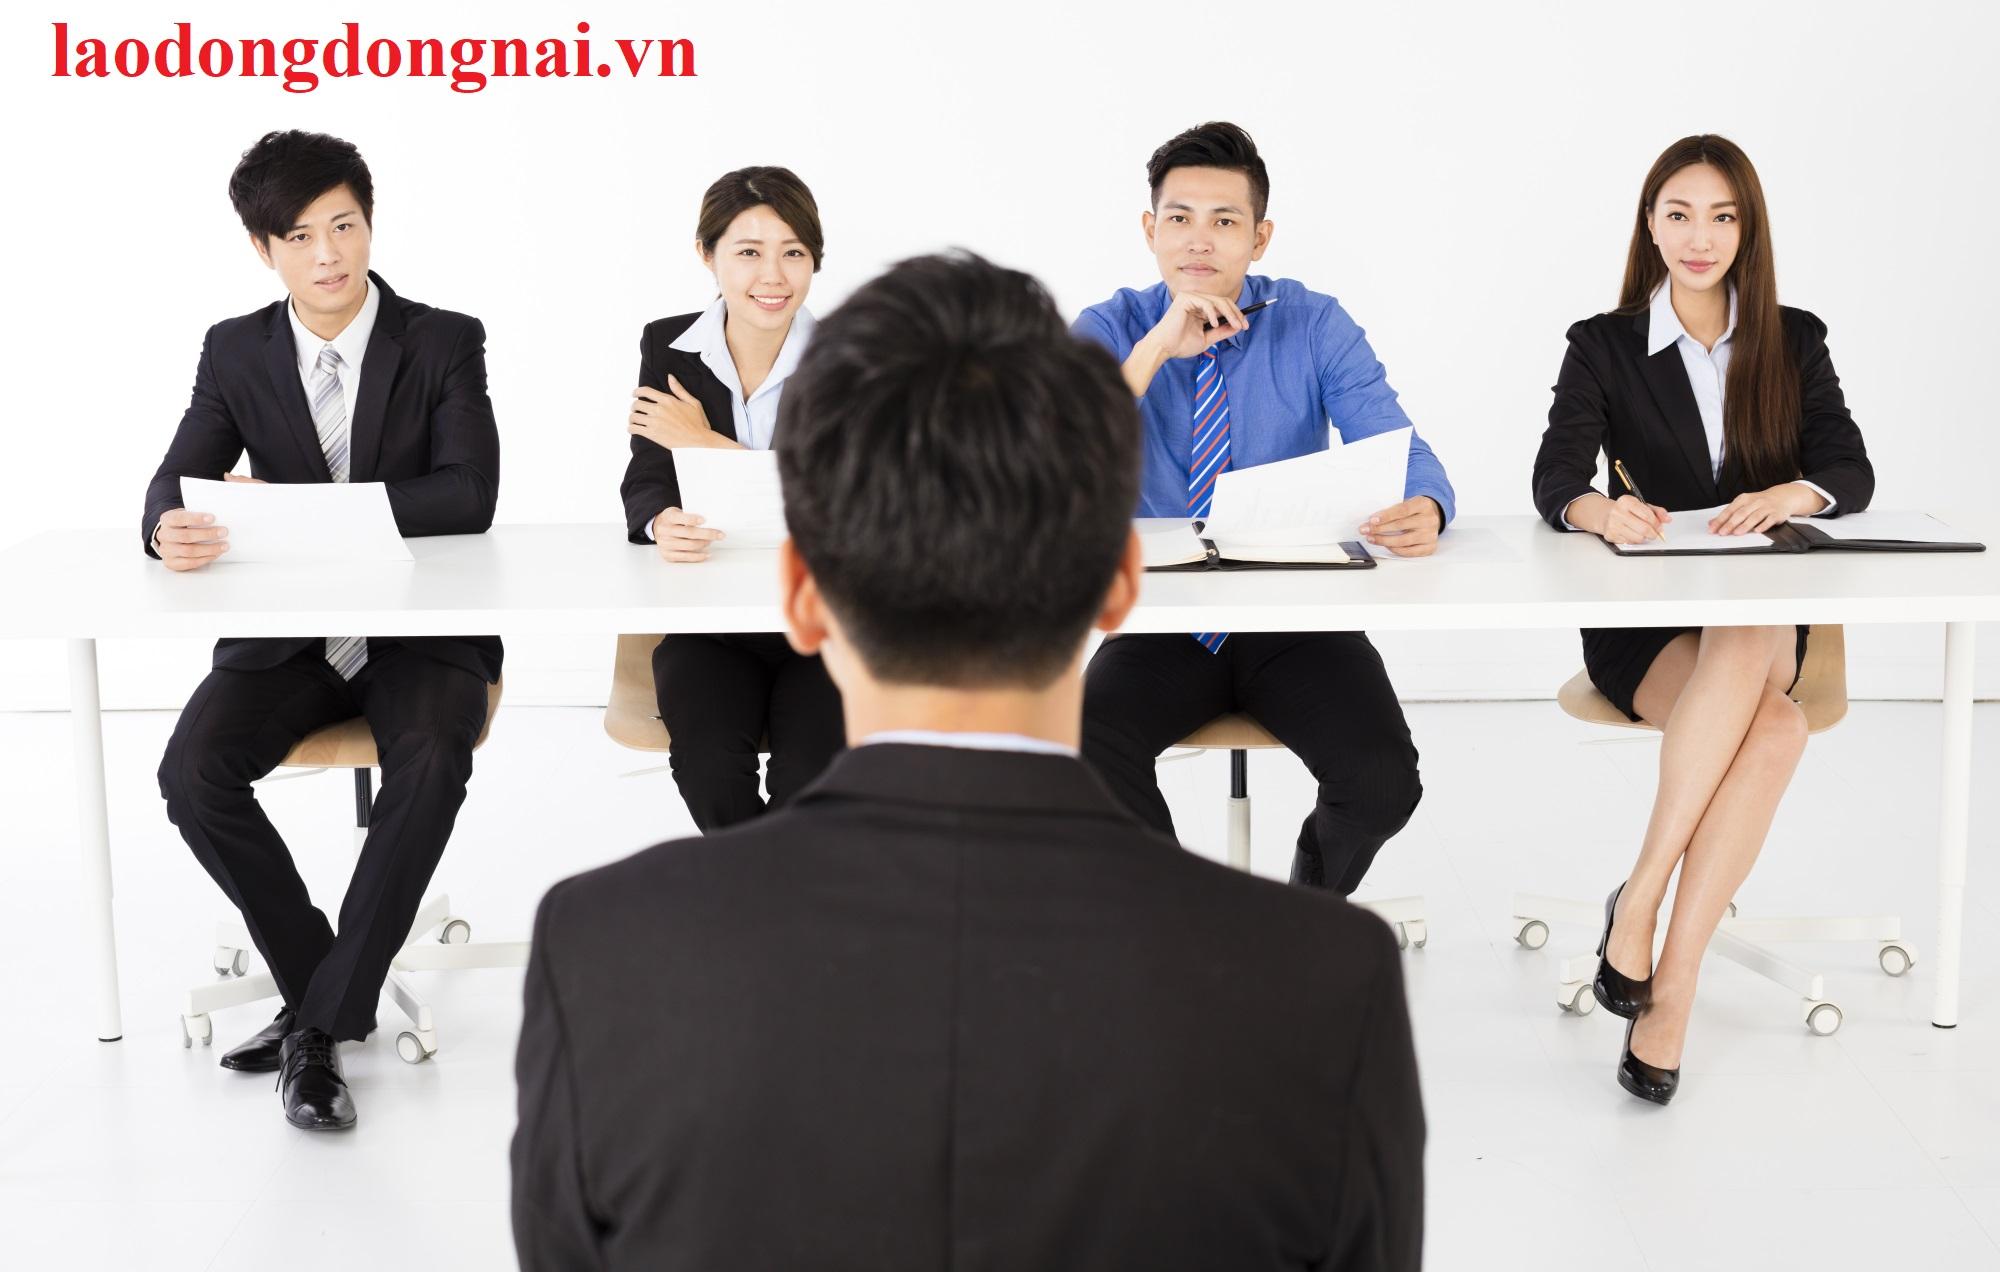 Top 3 cách tìm kiếm việc làm hiệu quả